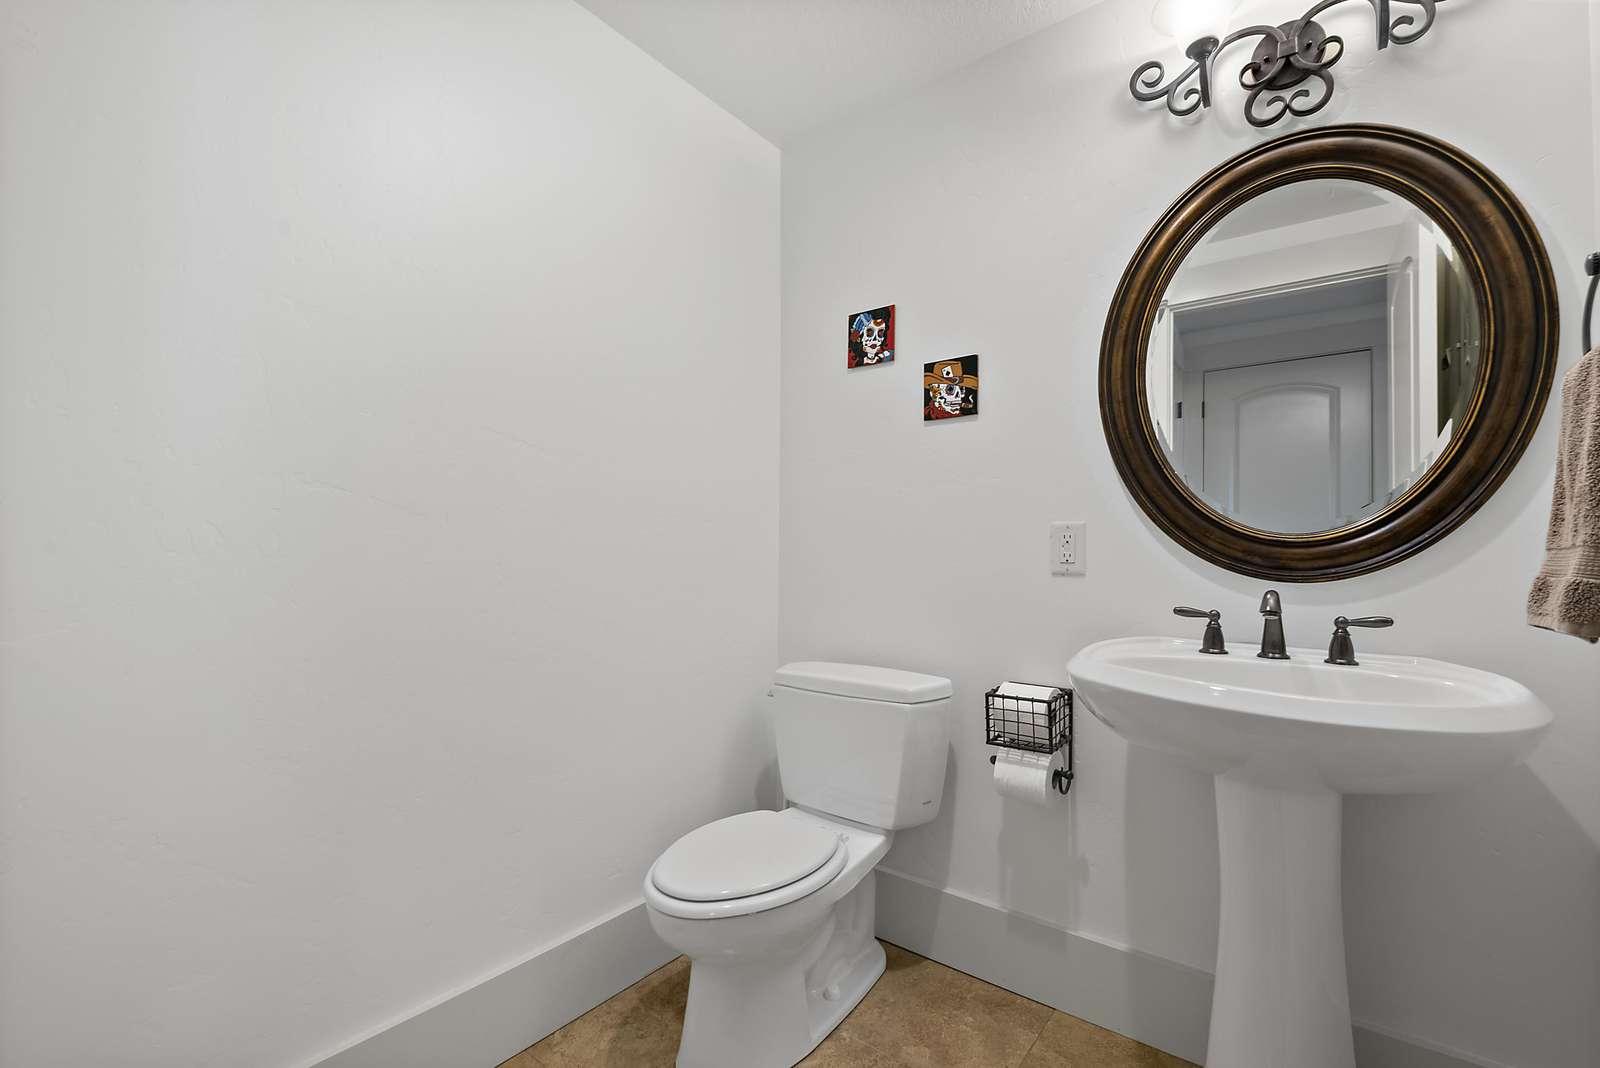 Half bathroom available near living room